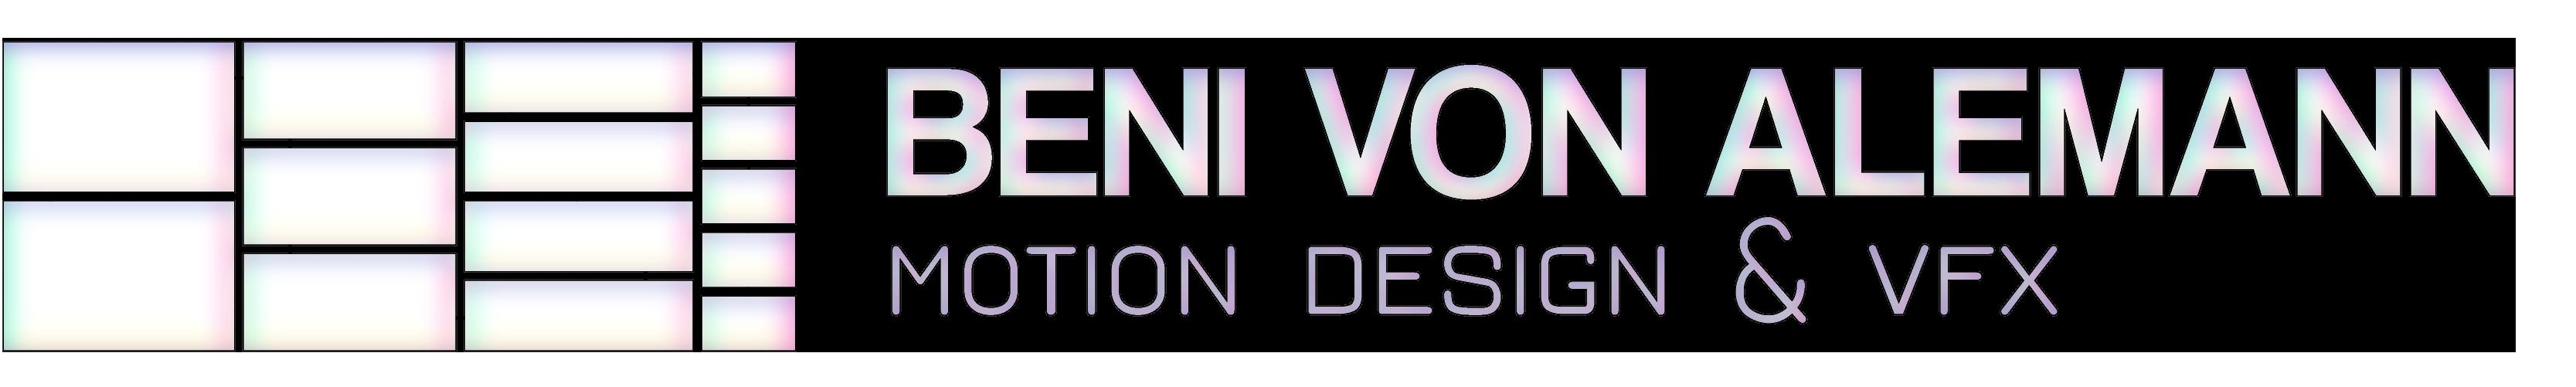 Beni von Alemann – Motion Design & VFX